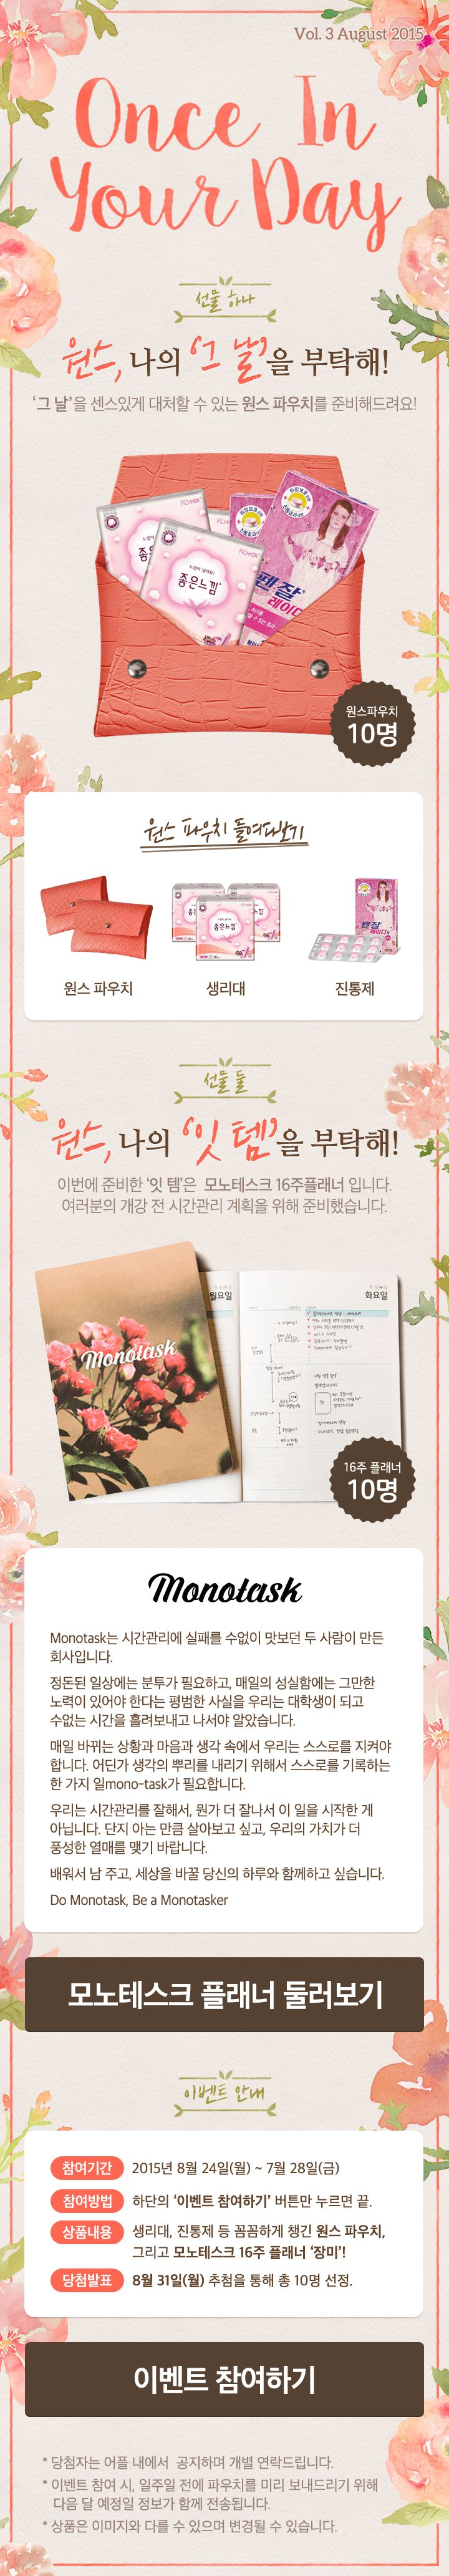 여자들의 필수 앱 '원스' Once in your day 이벤트 이미지 생리 / 생리주기 관리 / 피임 / 배란 / event /promotion